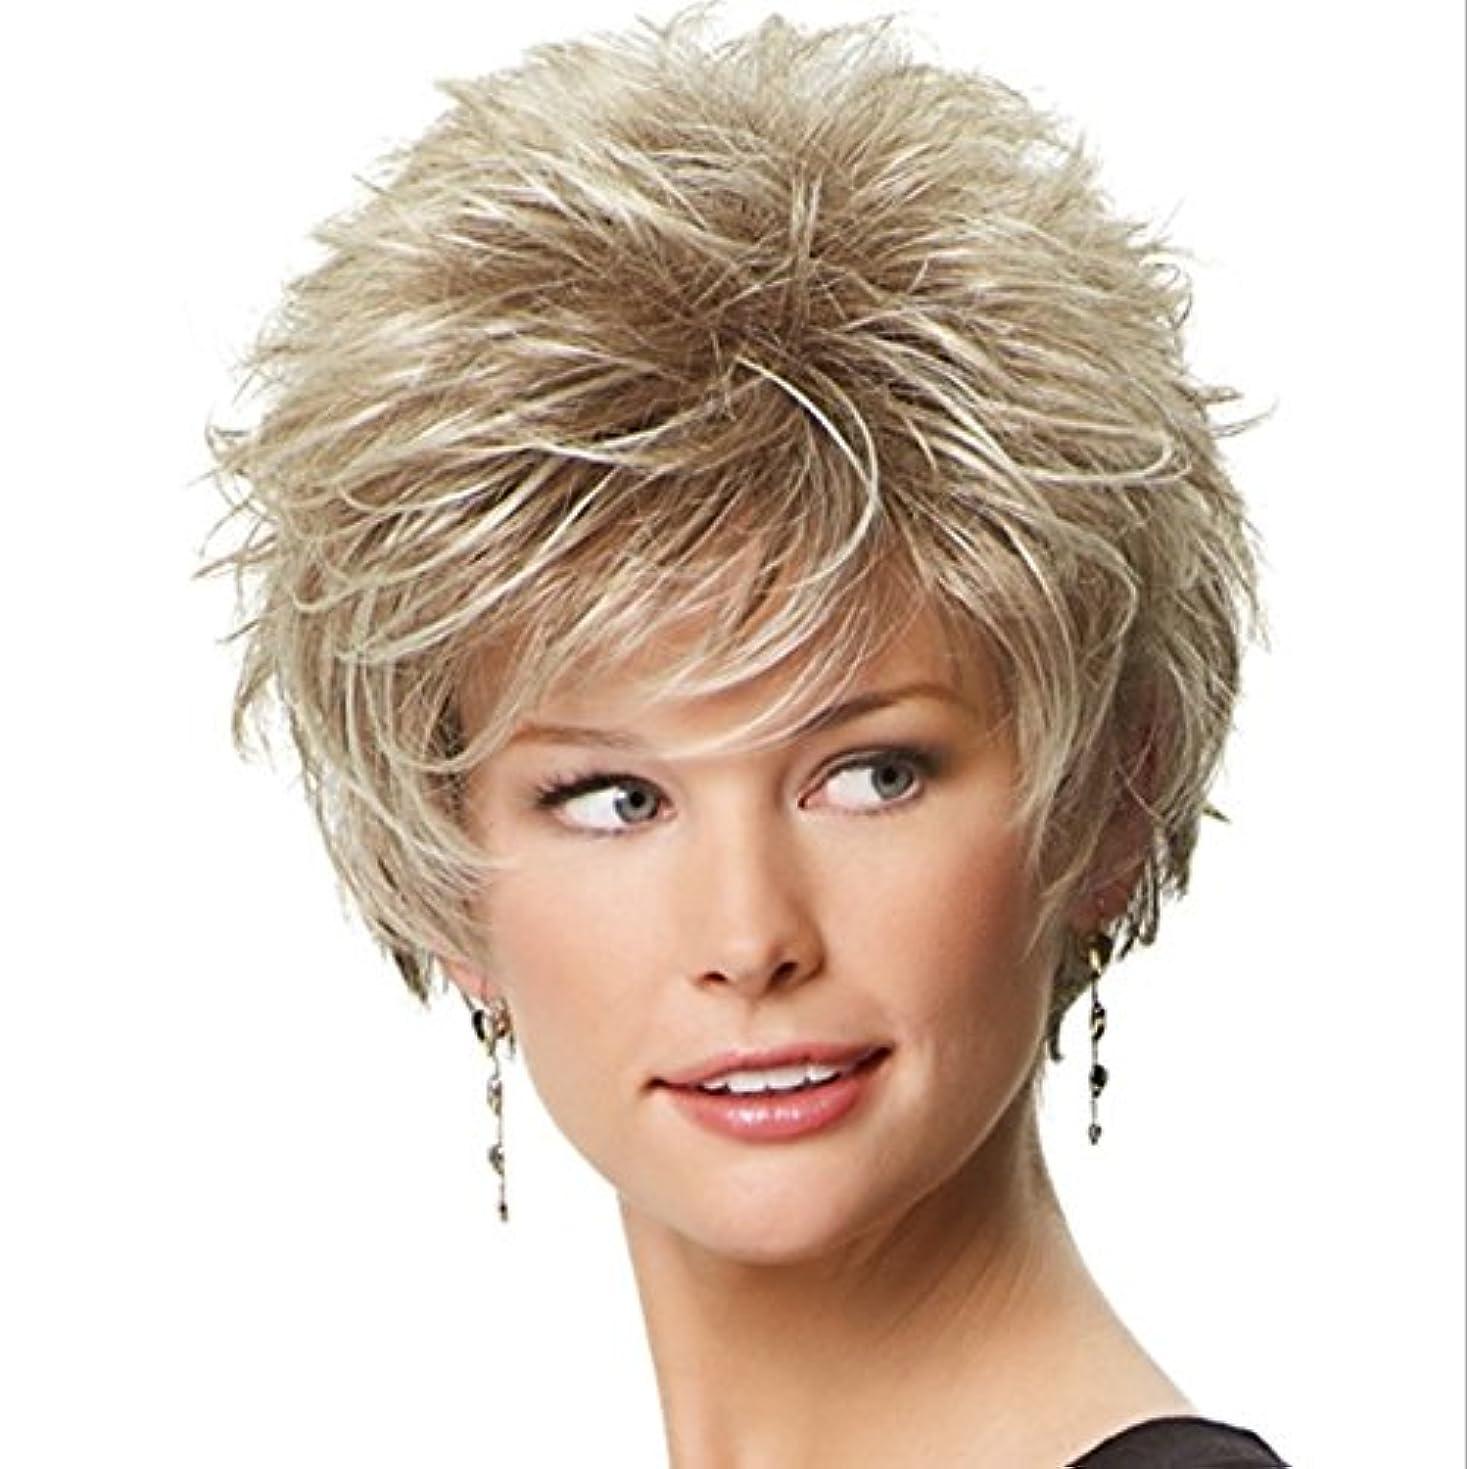 航空証明する普遍的なJIANFU 女性のための優雅なかつらエアーフラットバンズウィッグとショートカーリーヘアー女性のための耐熱性のあるふわふわウィッグ10inch / 11inch(灰色がかった白、金色) (Color : Golden)